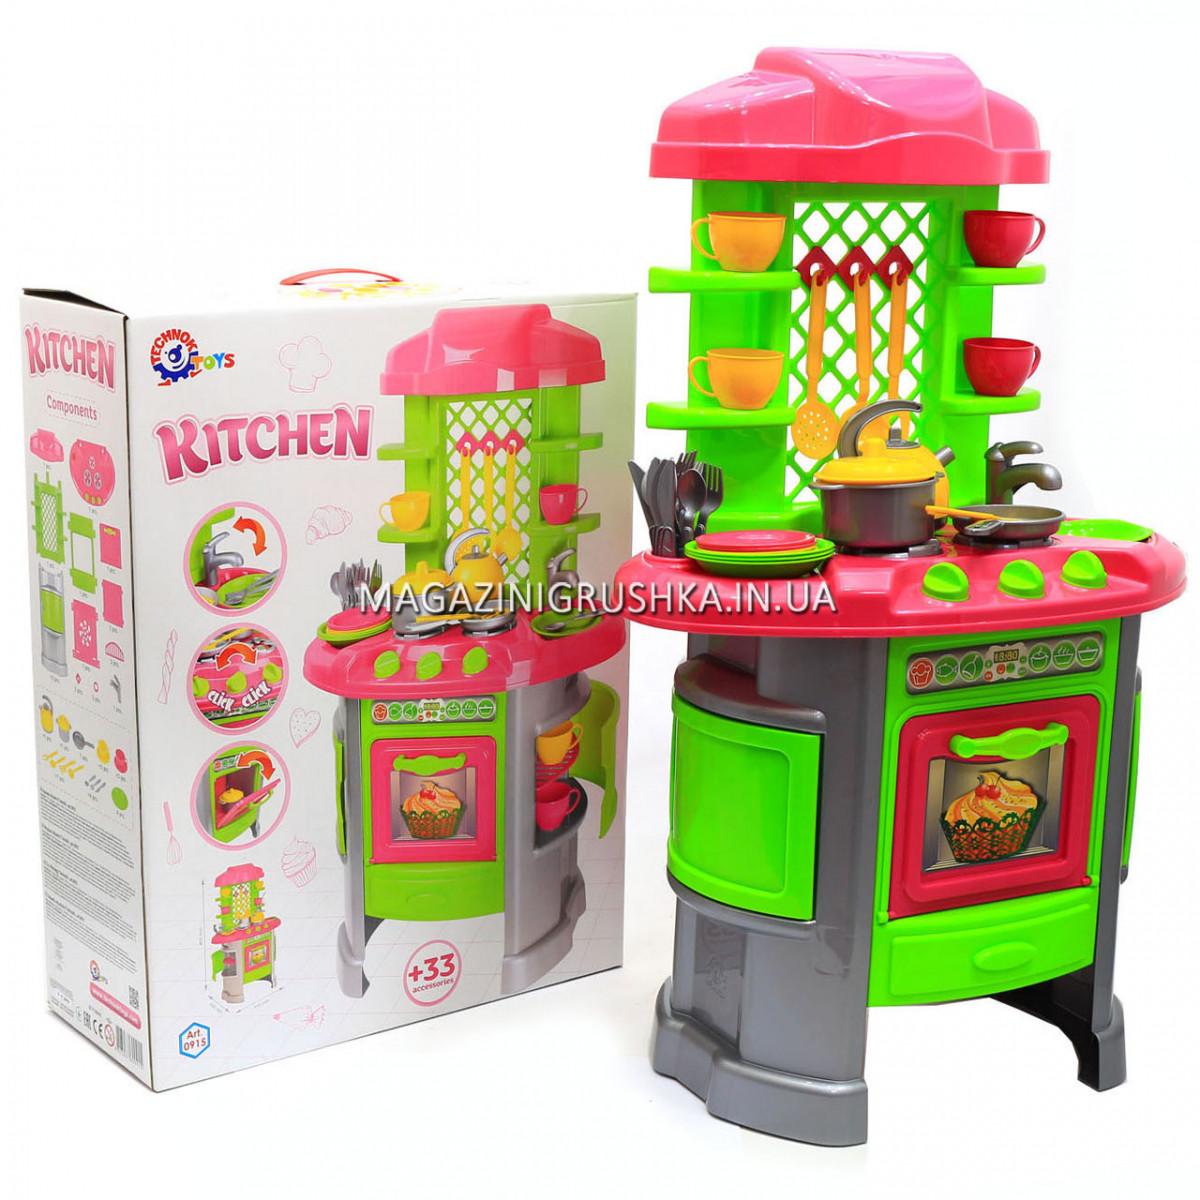 Детская игрушечная мебель Кухня арт.0915 (салатово-розовая)